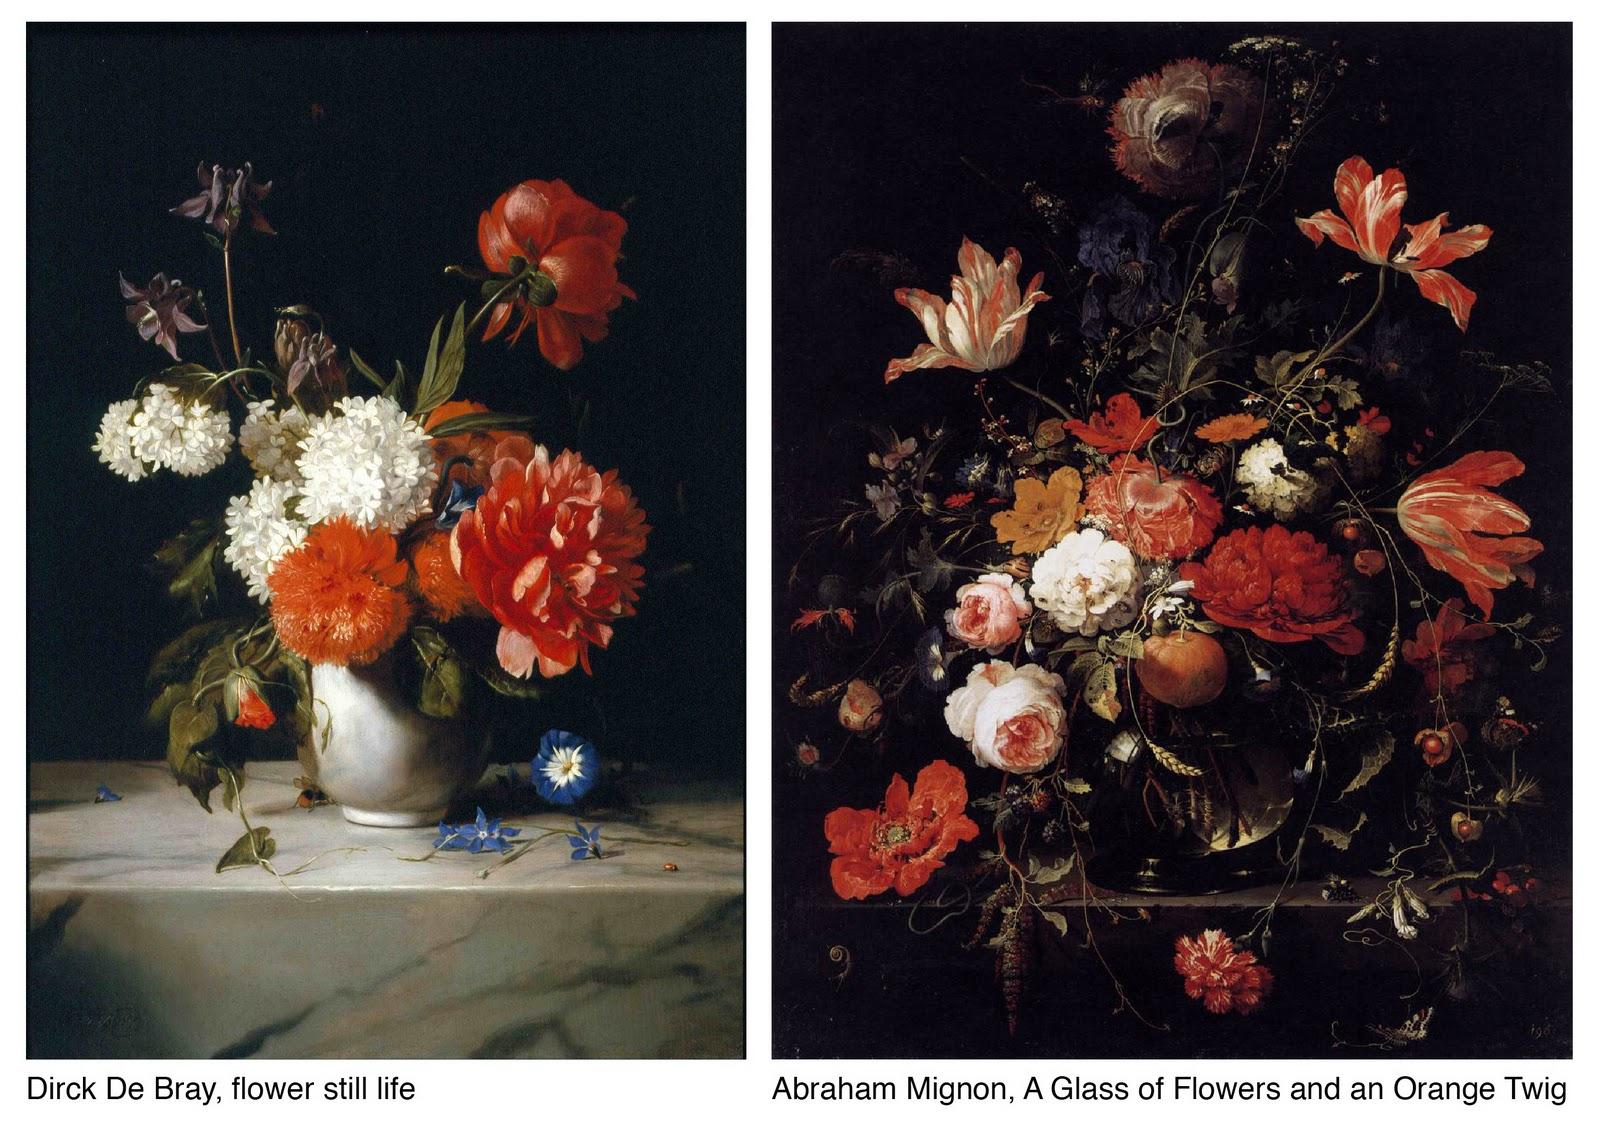 Alive & Kicking: Color Files: Dark background florals